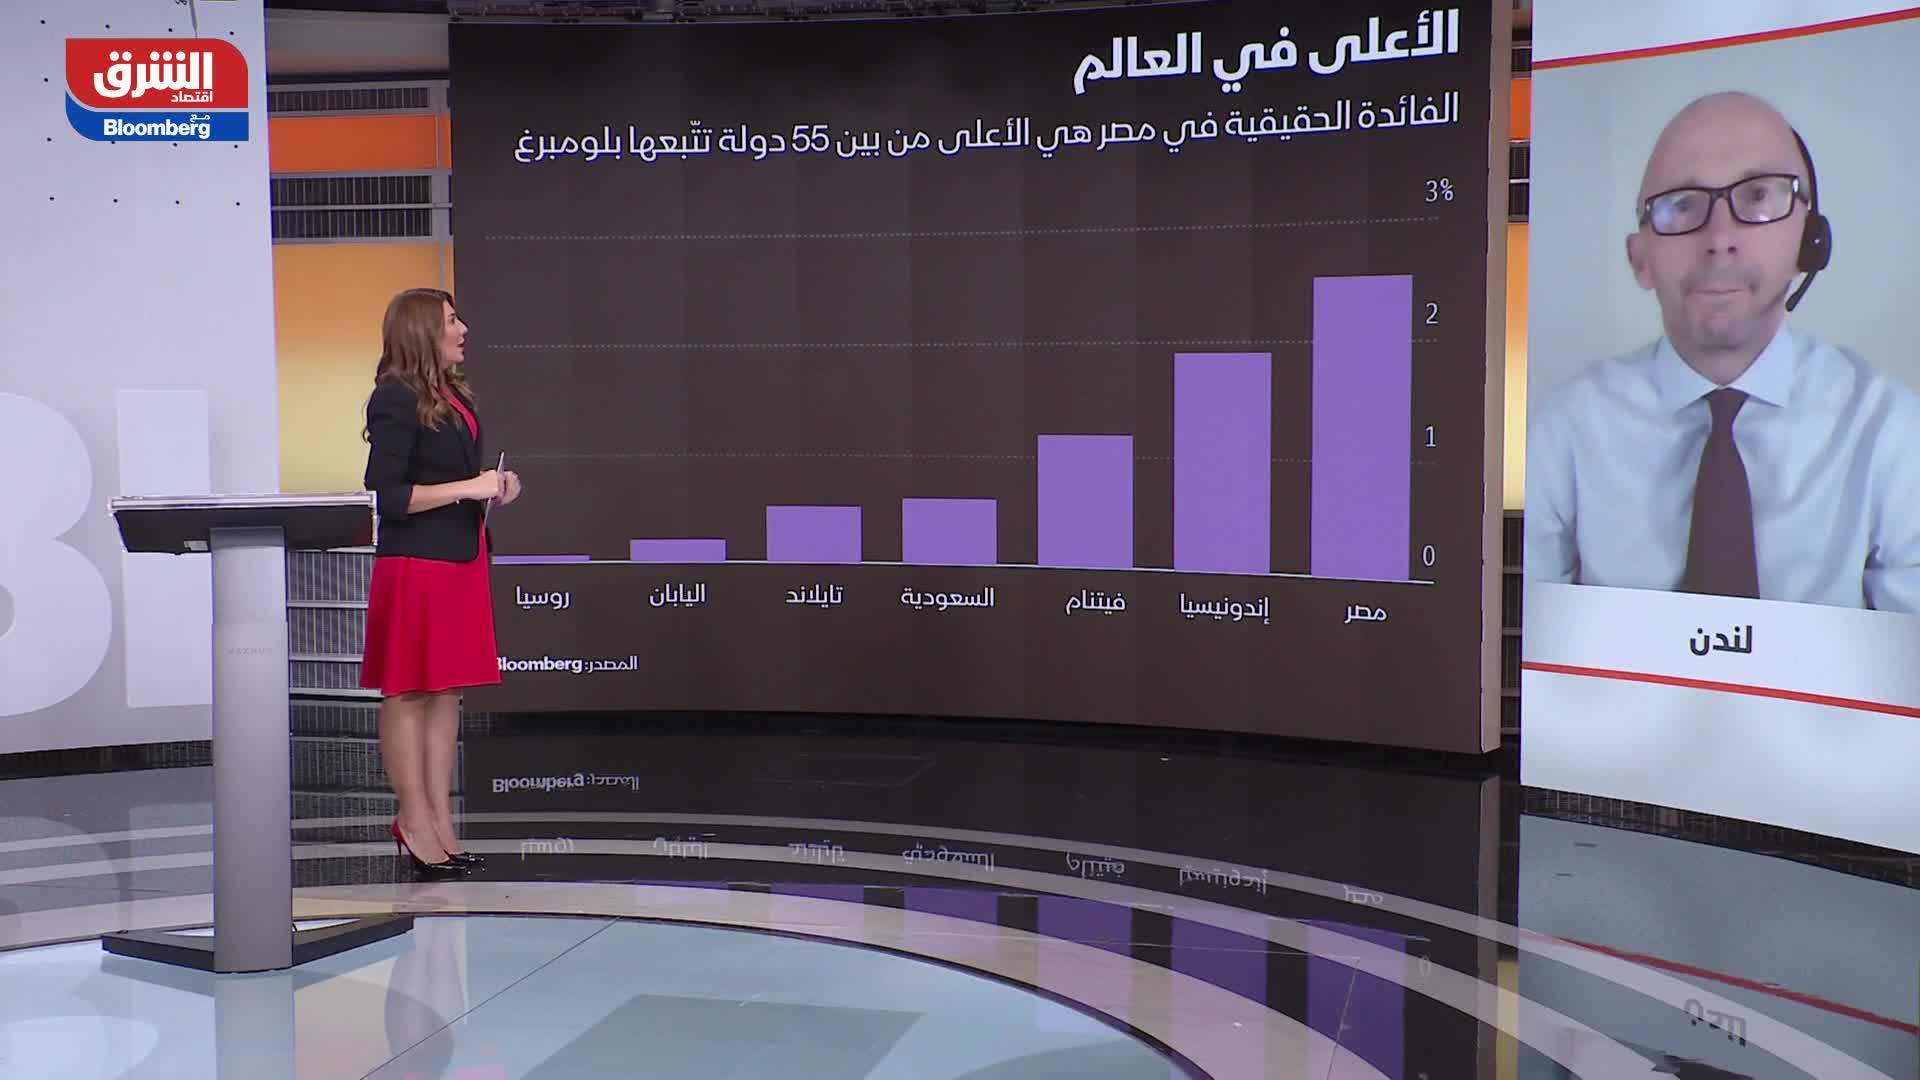 توقعات بإبقاء أسعار الفائدة المصرية كما هي عليه.. ما رأيك؟